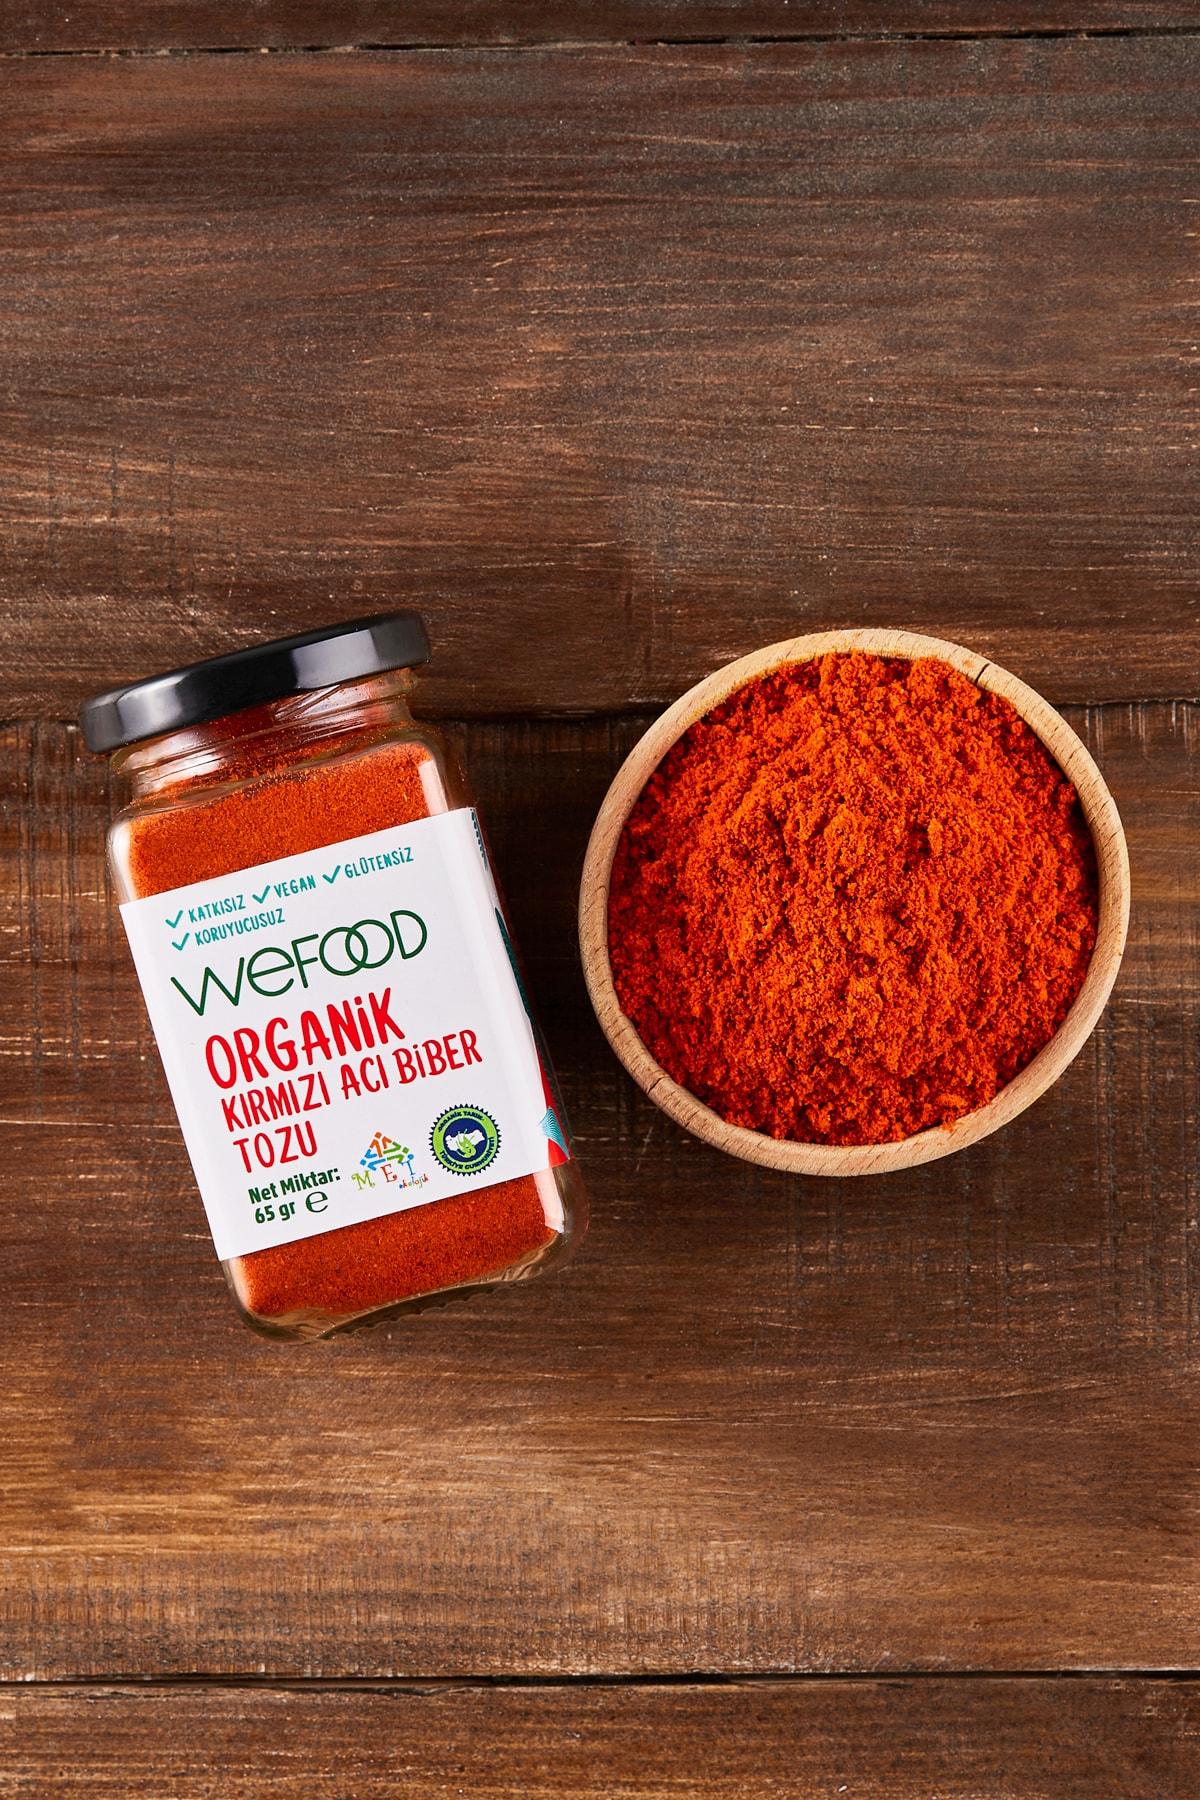 Wefood Organik Kırmızı Acı Biber Tozu 65 gr 2